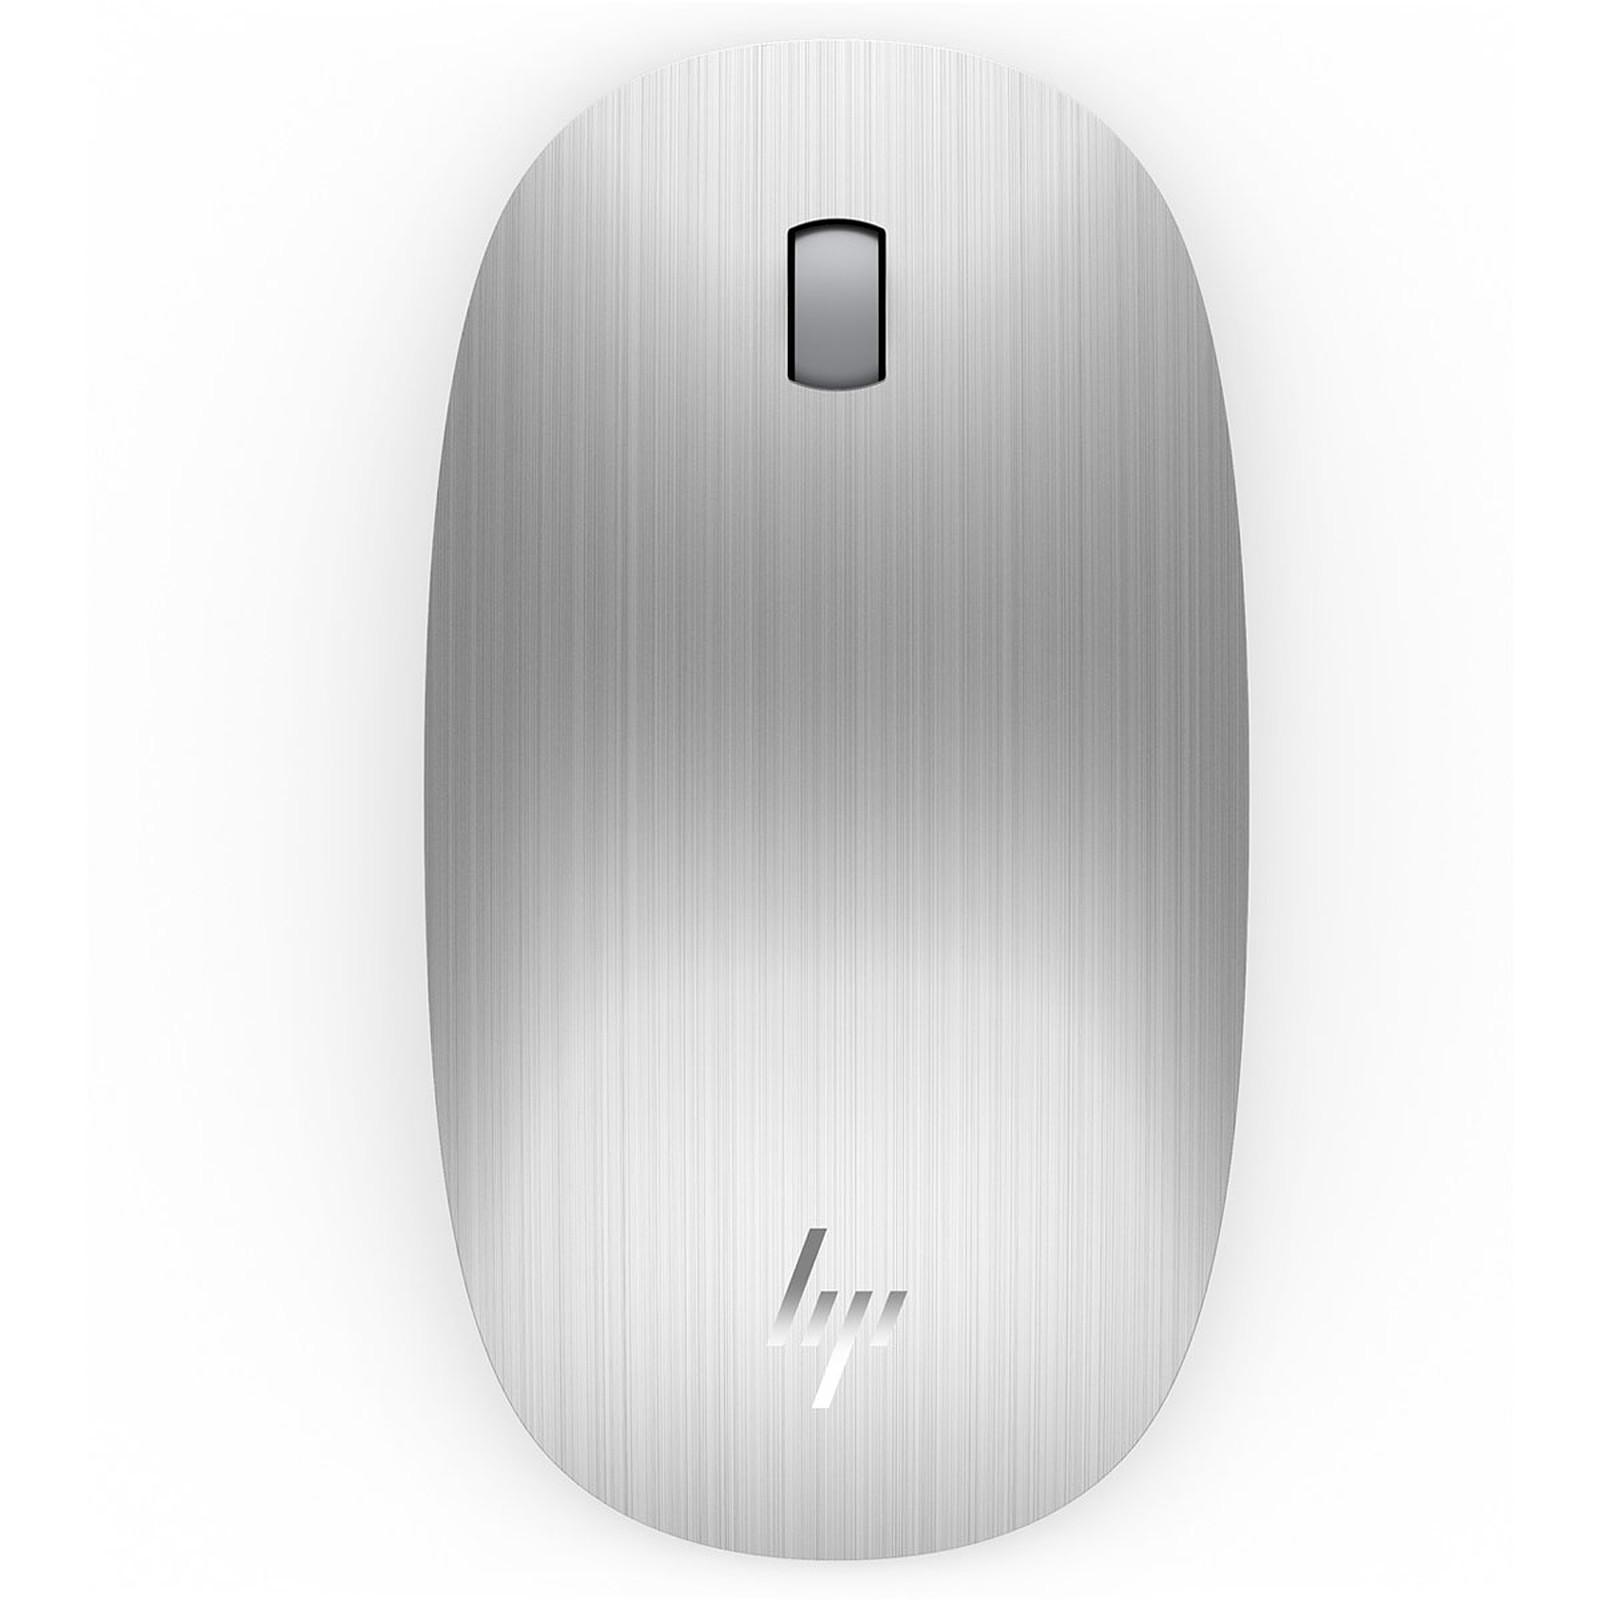 HP Spectre 500 Argent